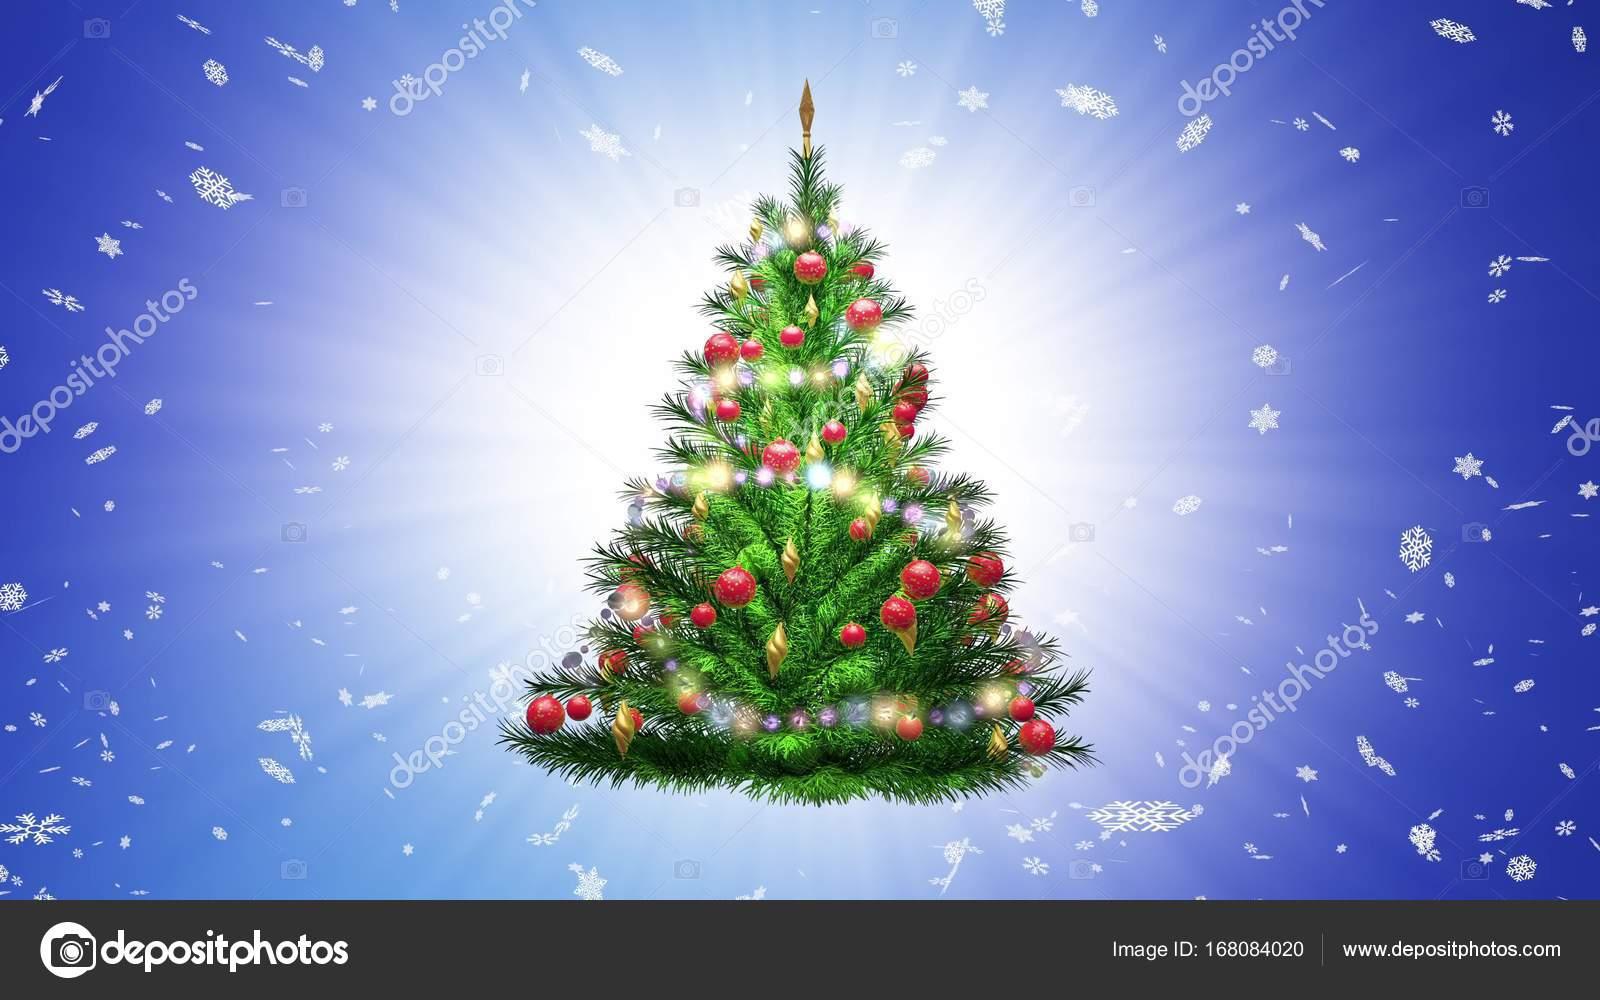 Bolas De Navidad Rojas Sobre Fondo Verde: Fondo Azul Con Bolas De Navidad Y Copos De Nieve